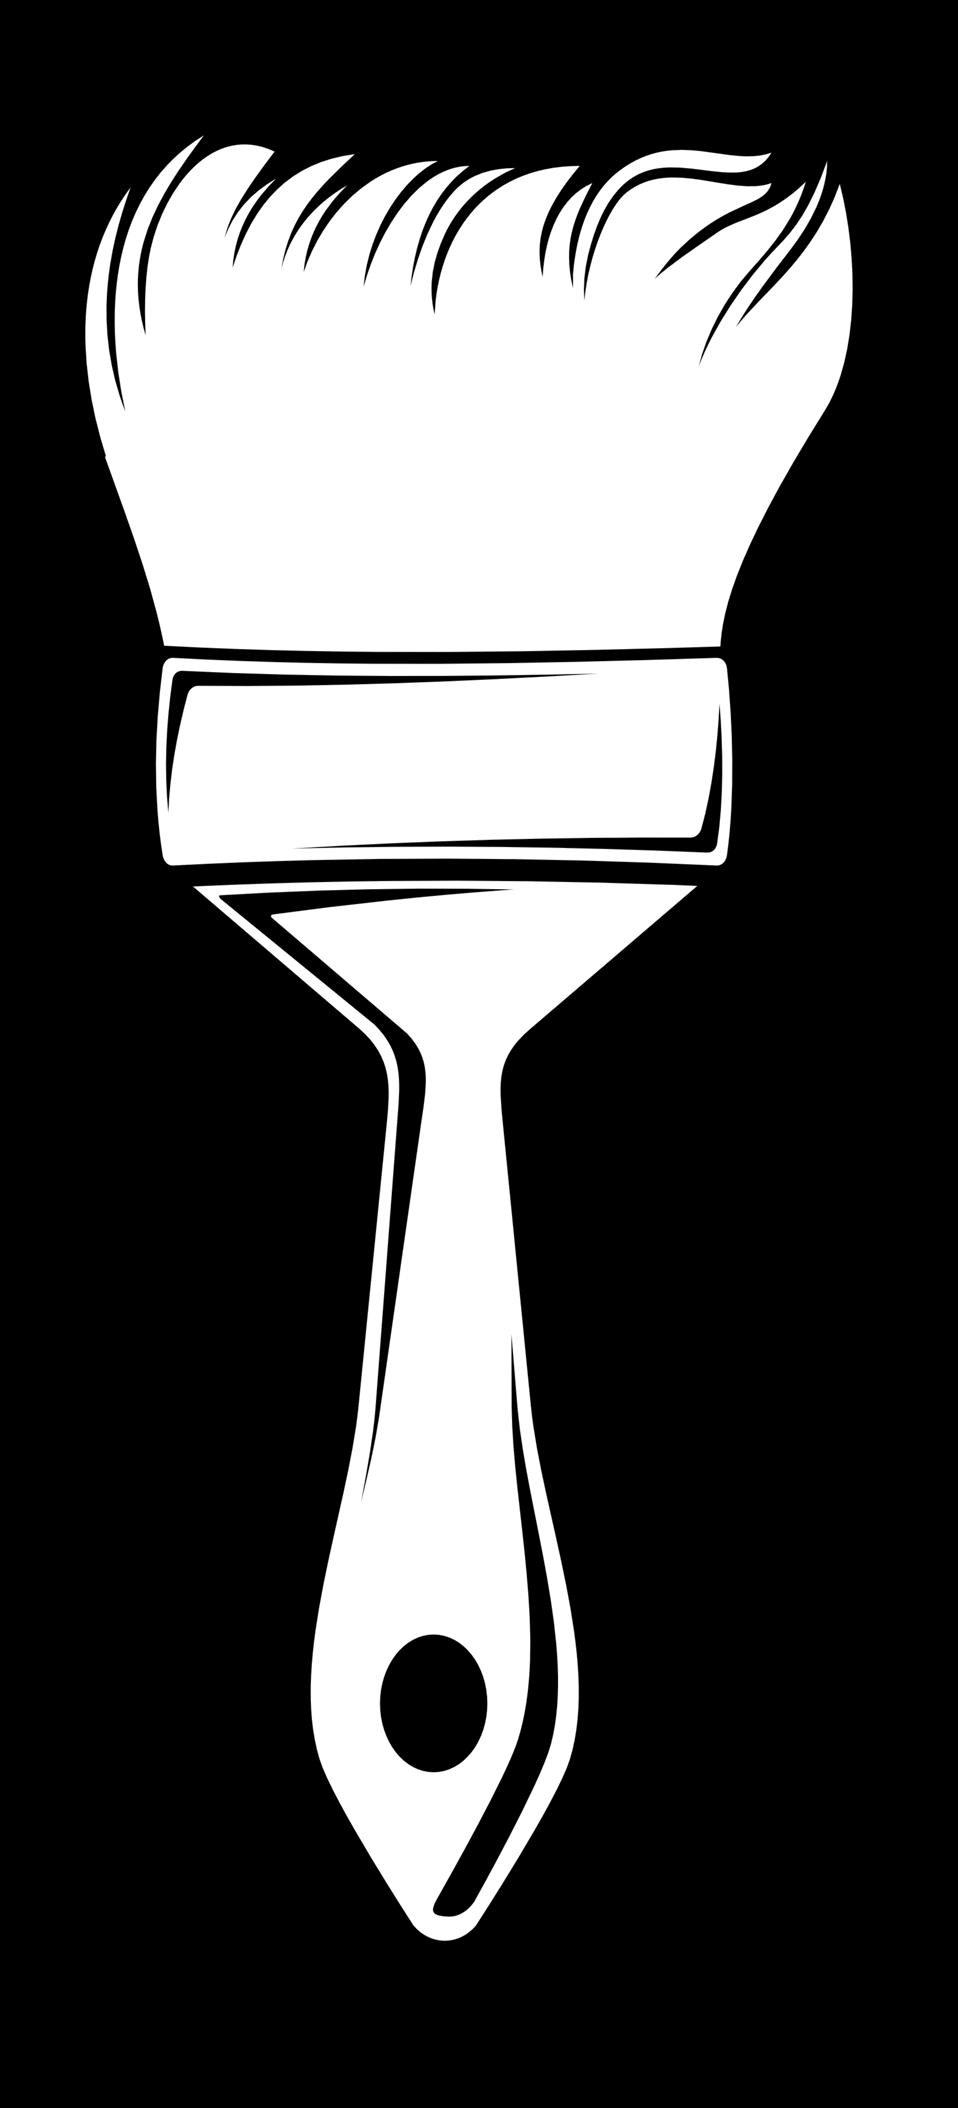 Paintbrush clipart artwork. Public domain clip art